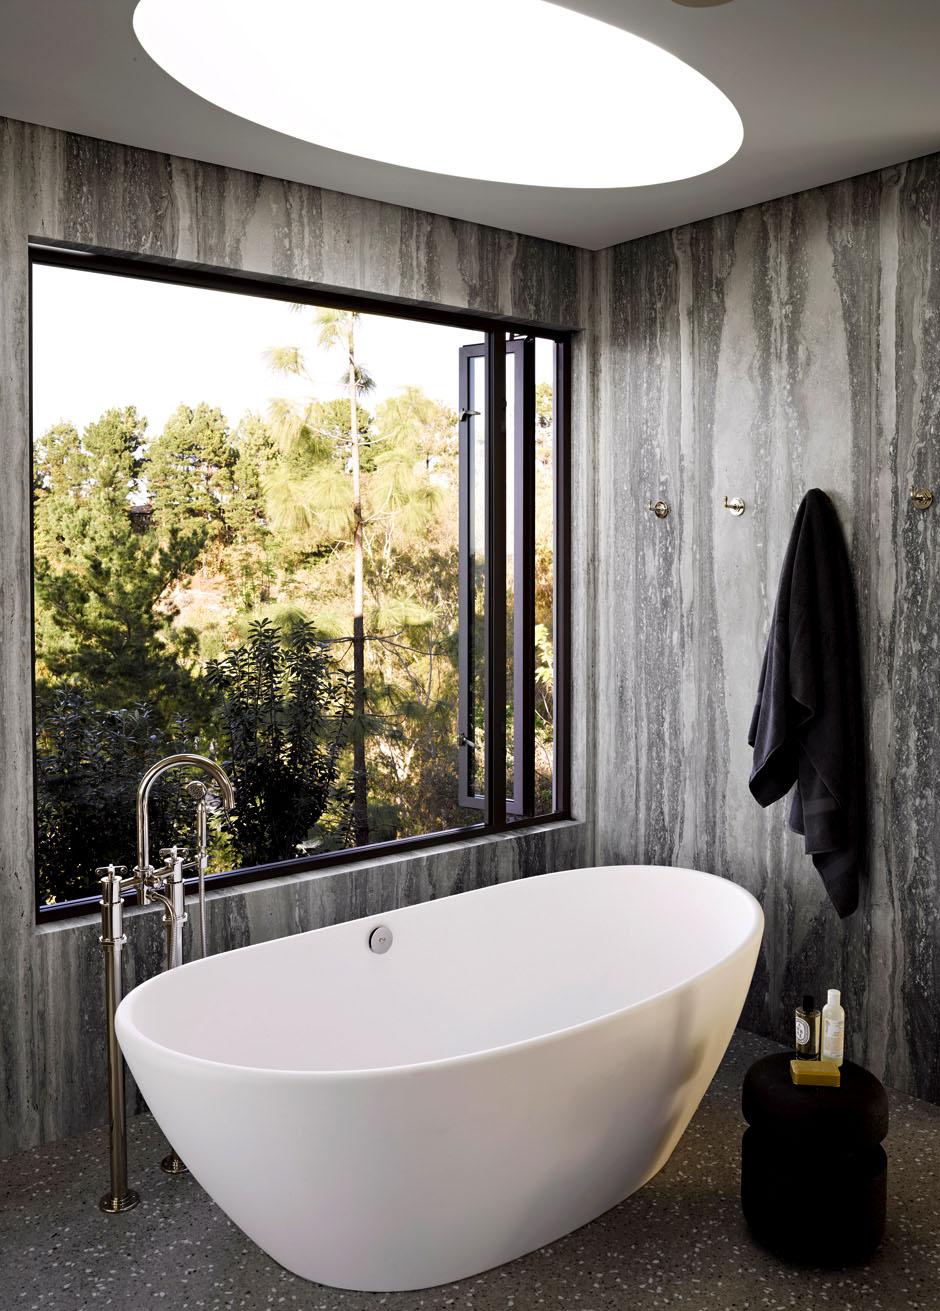 Современная ванная получила красивое панорамное окно